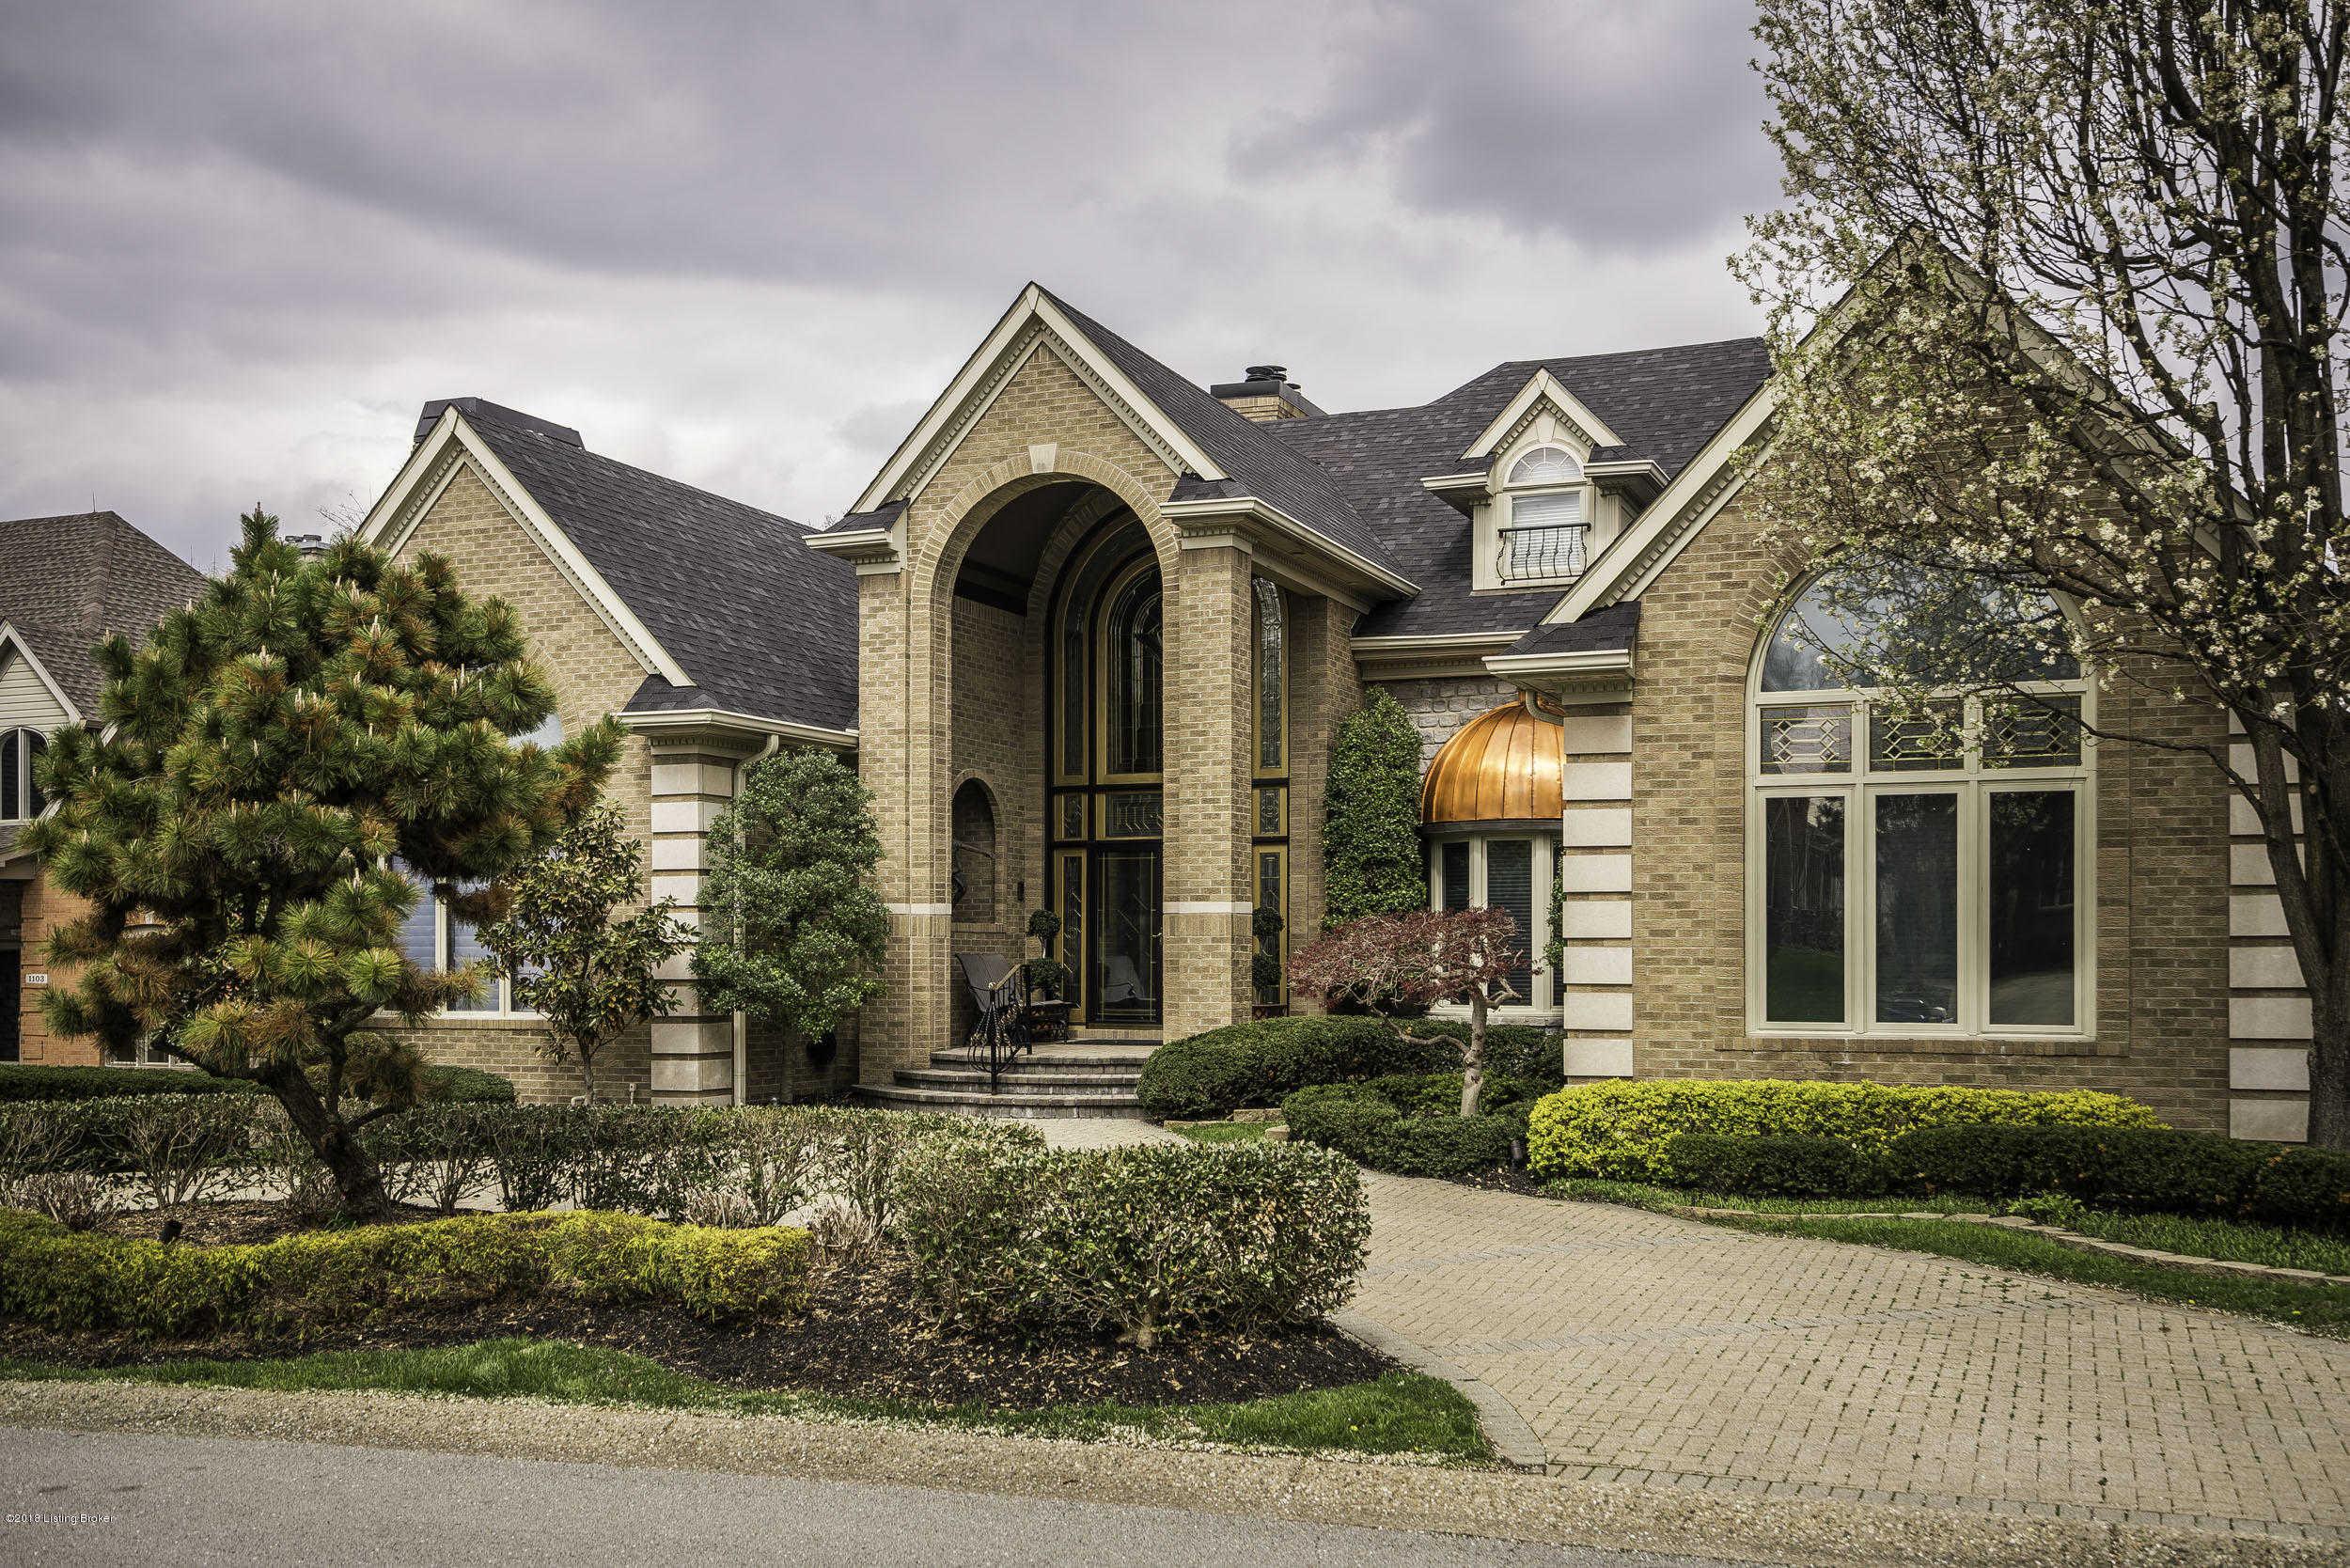 Homes for sale in 40205 - Louisville, KY - Highlands - Seneca Park